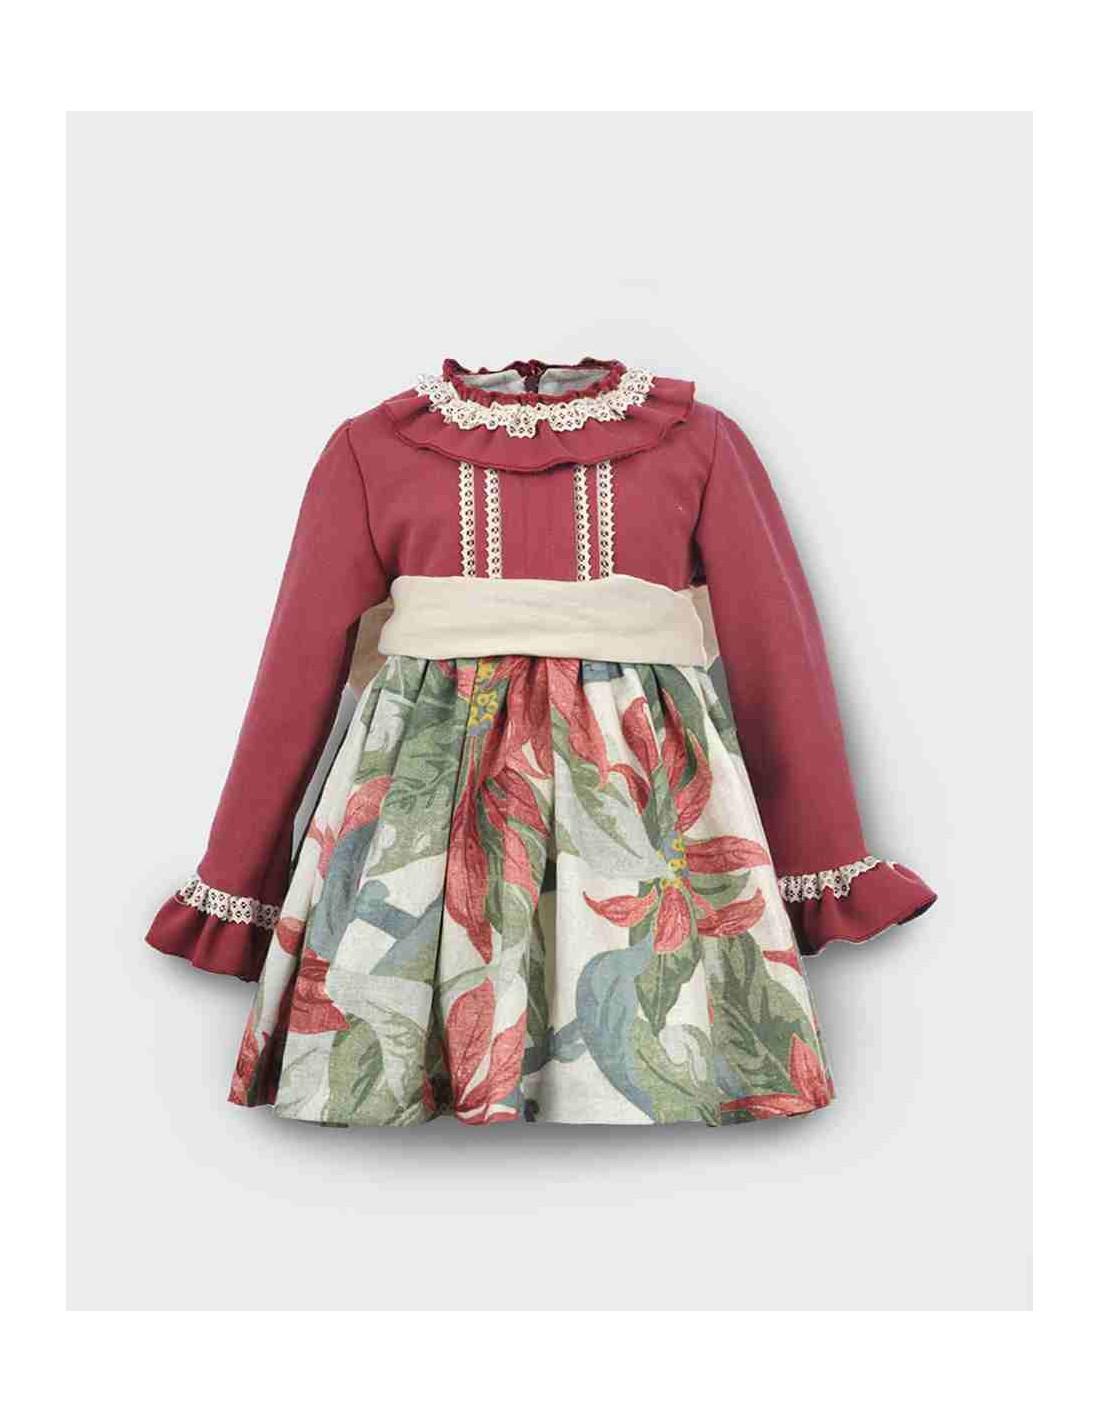 8eb412474c2 Vestido para niña pwqueñoFlores Grandes Burdeos La Ormiga Invierno